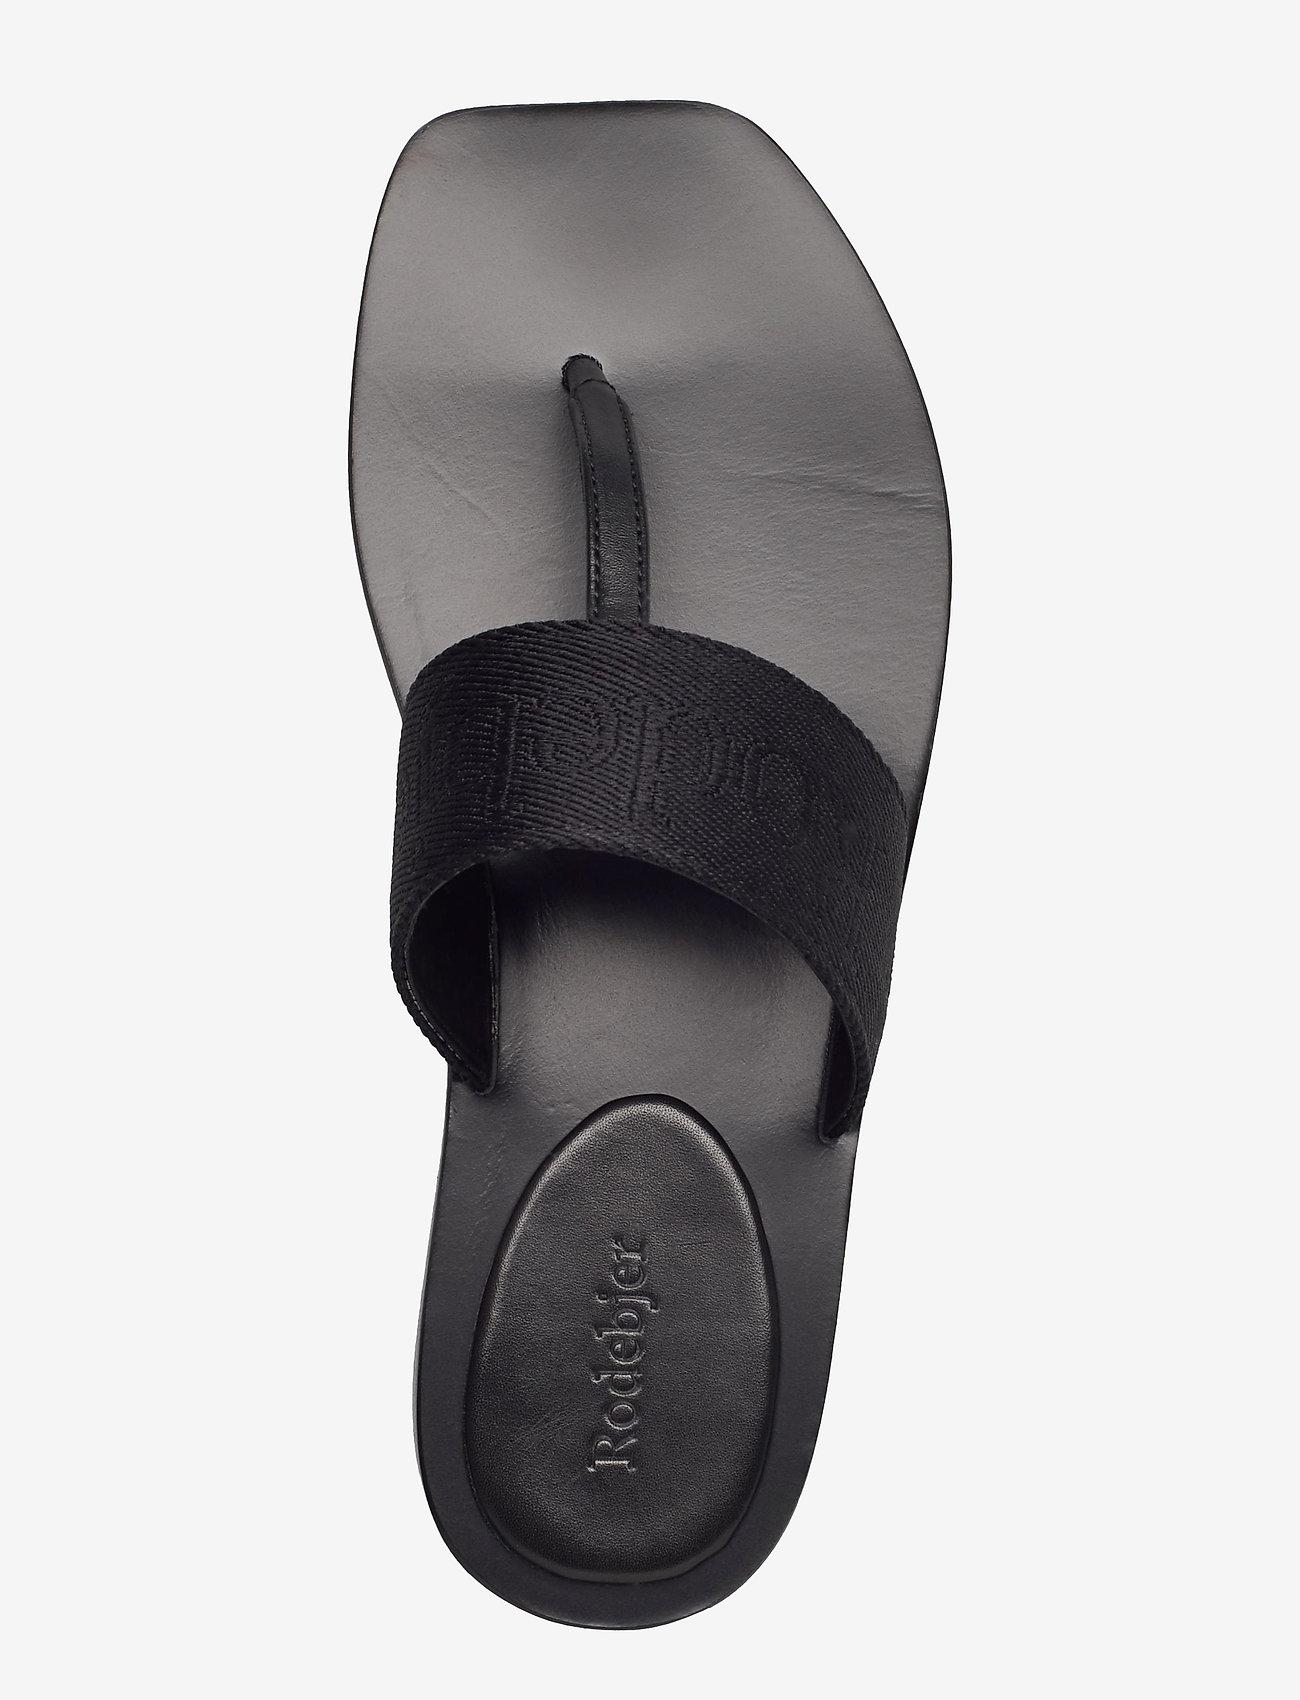 RODEBJER - RODEBJER ROZA - flade sandaler - black - 3